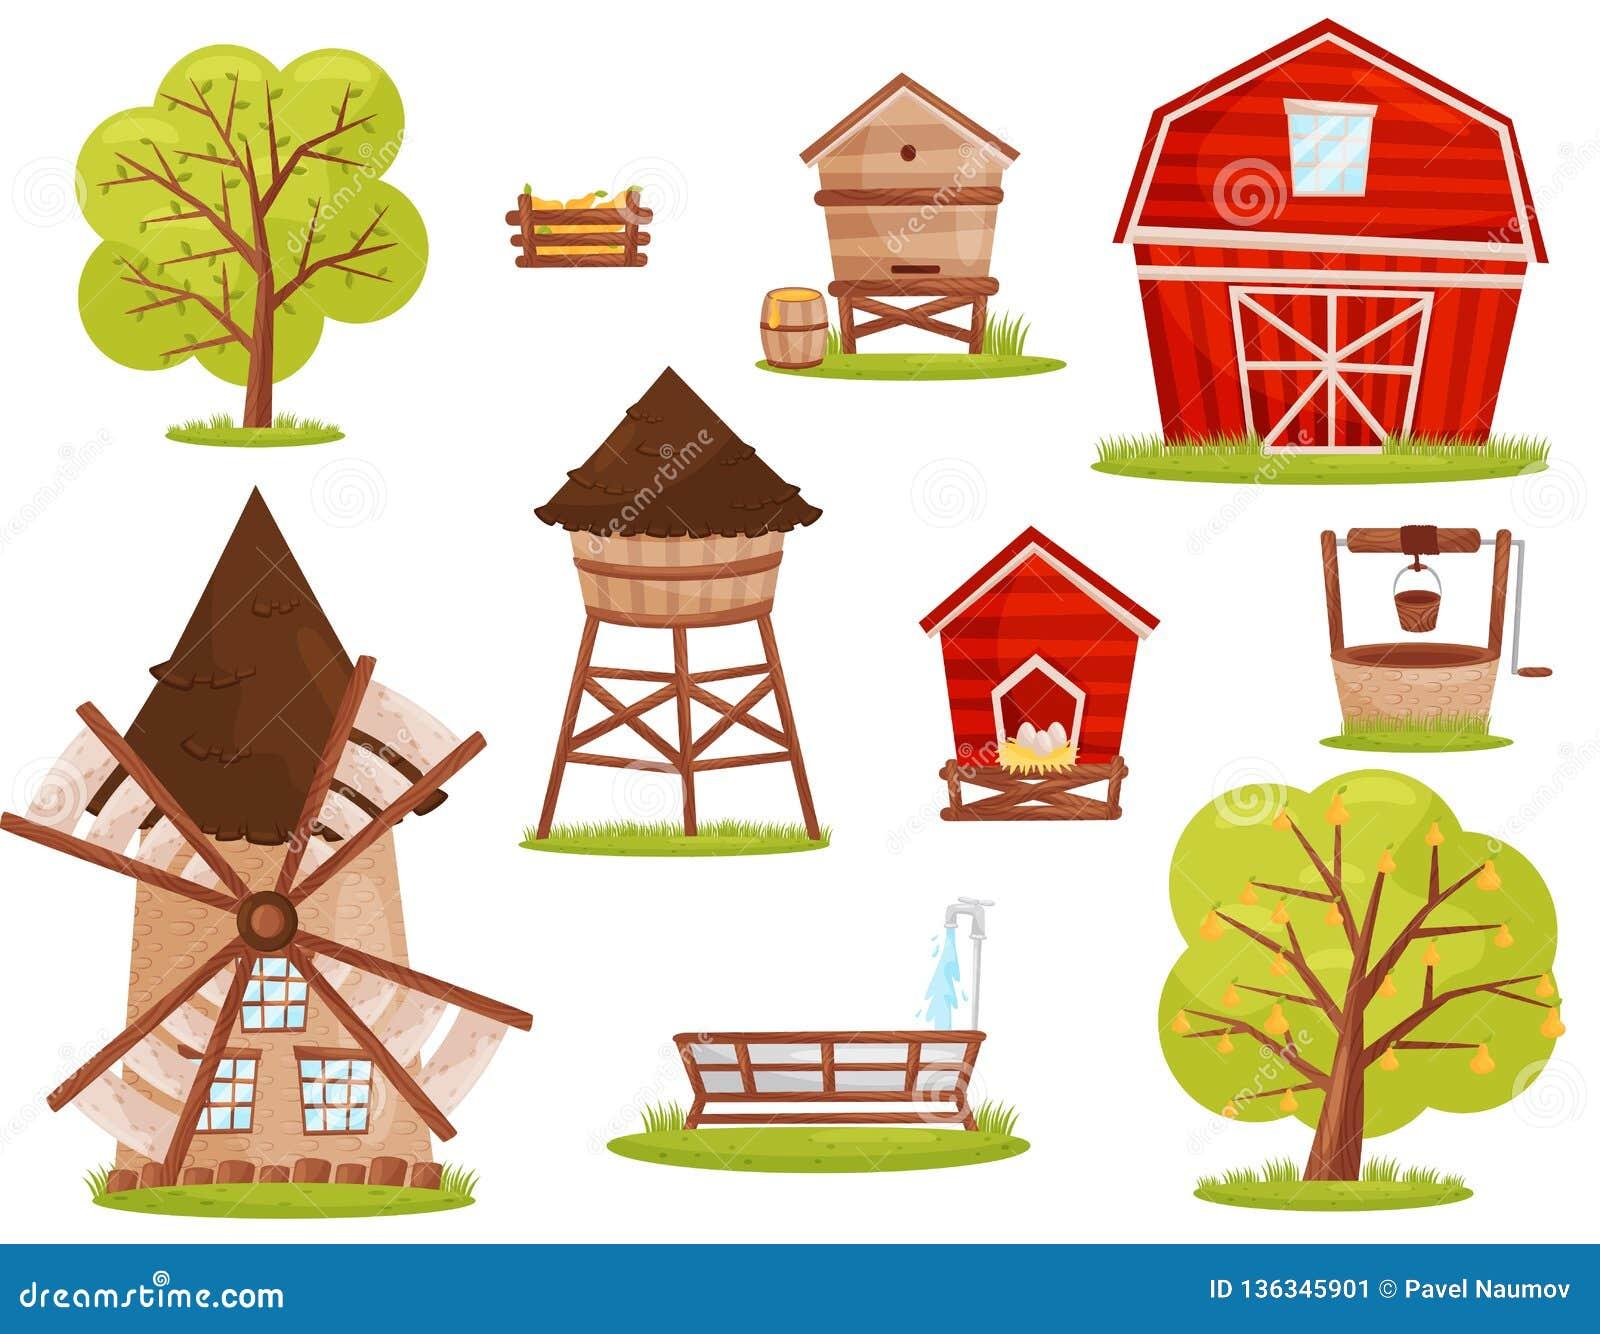 Vlakke vectorreeks landbouwbedrijfpictogrammen Gebouwen, bouw en fruitbomen Elementen voor mobiel spel of kinderenboek